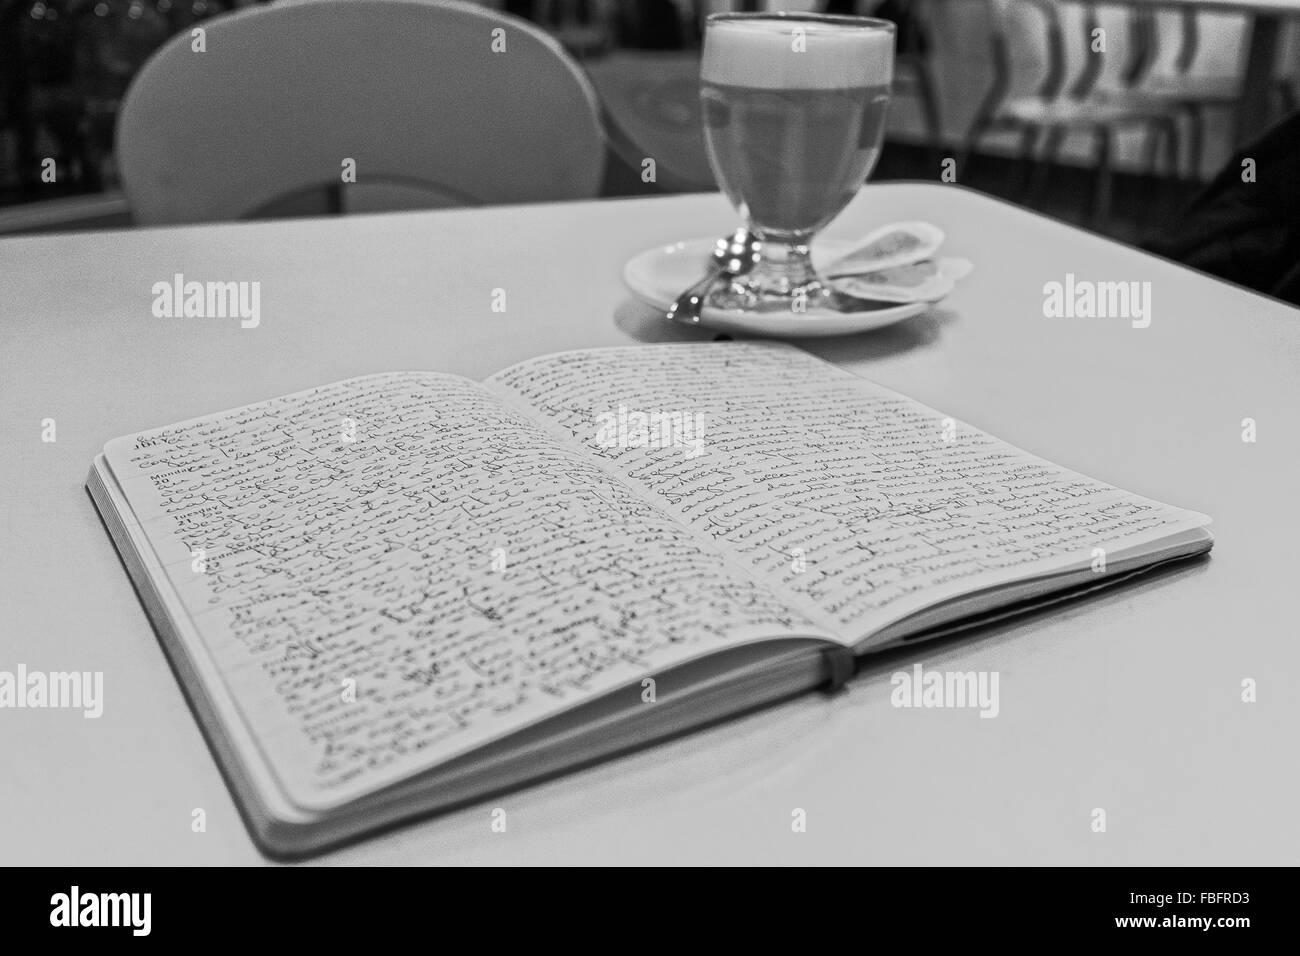 Svuotare tavolo e sedia con Apri diario moleskin riempito con la scrittura da parte di un autore accanto a bere Immagini Stock